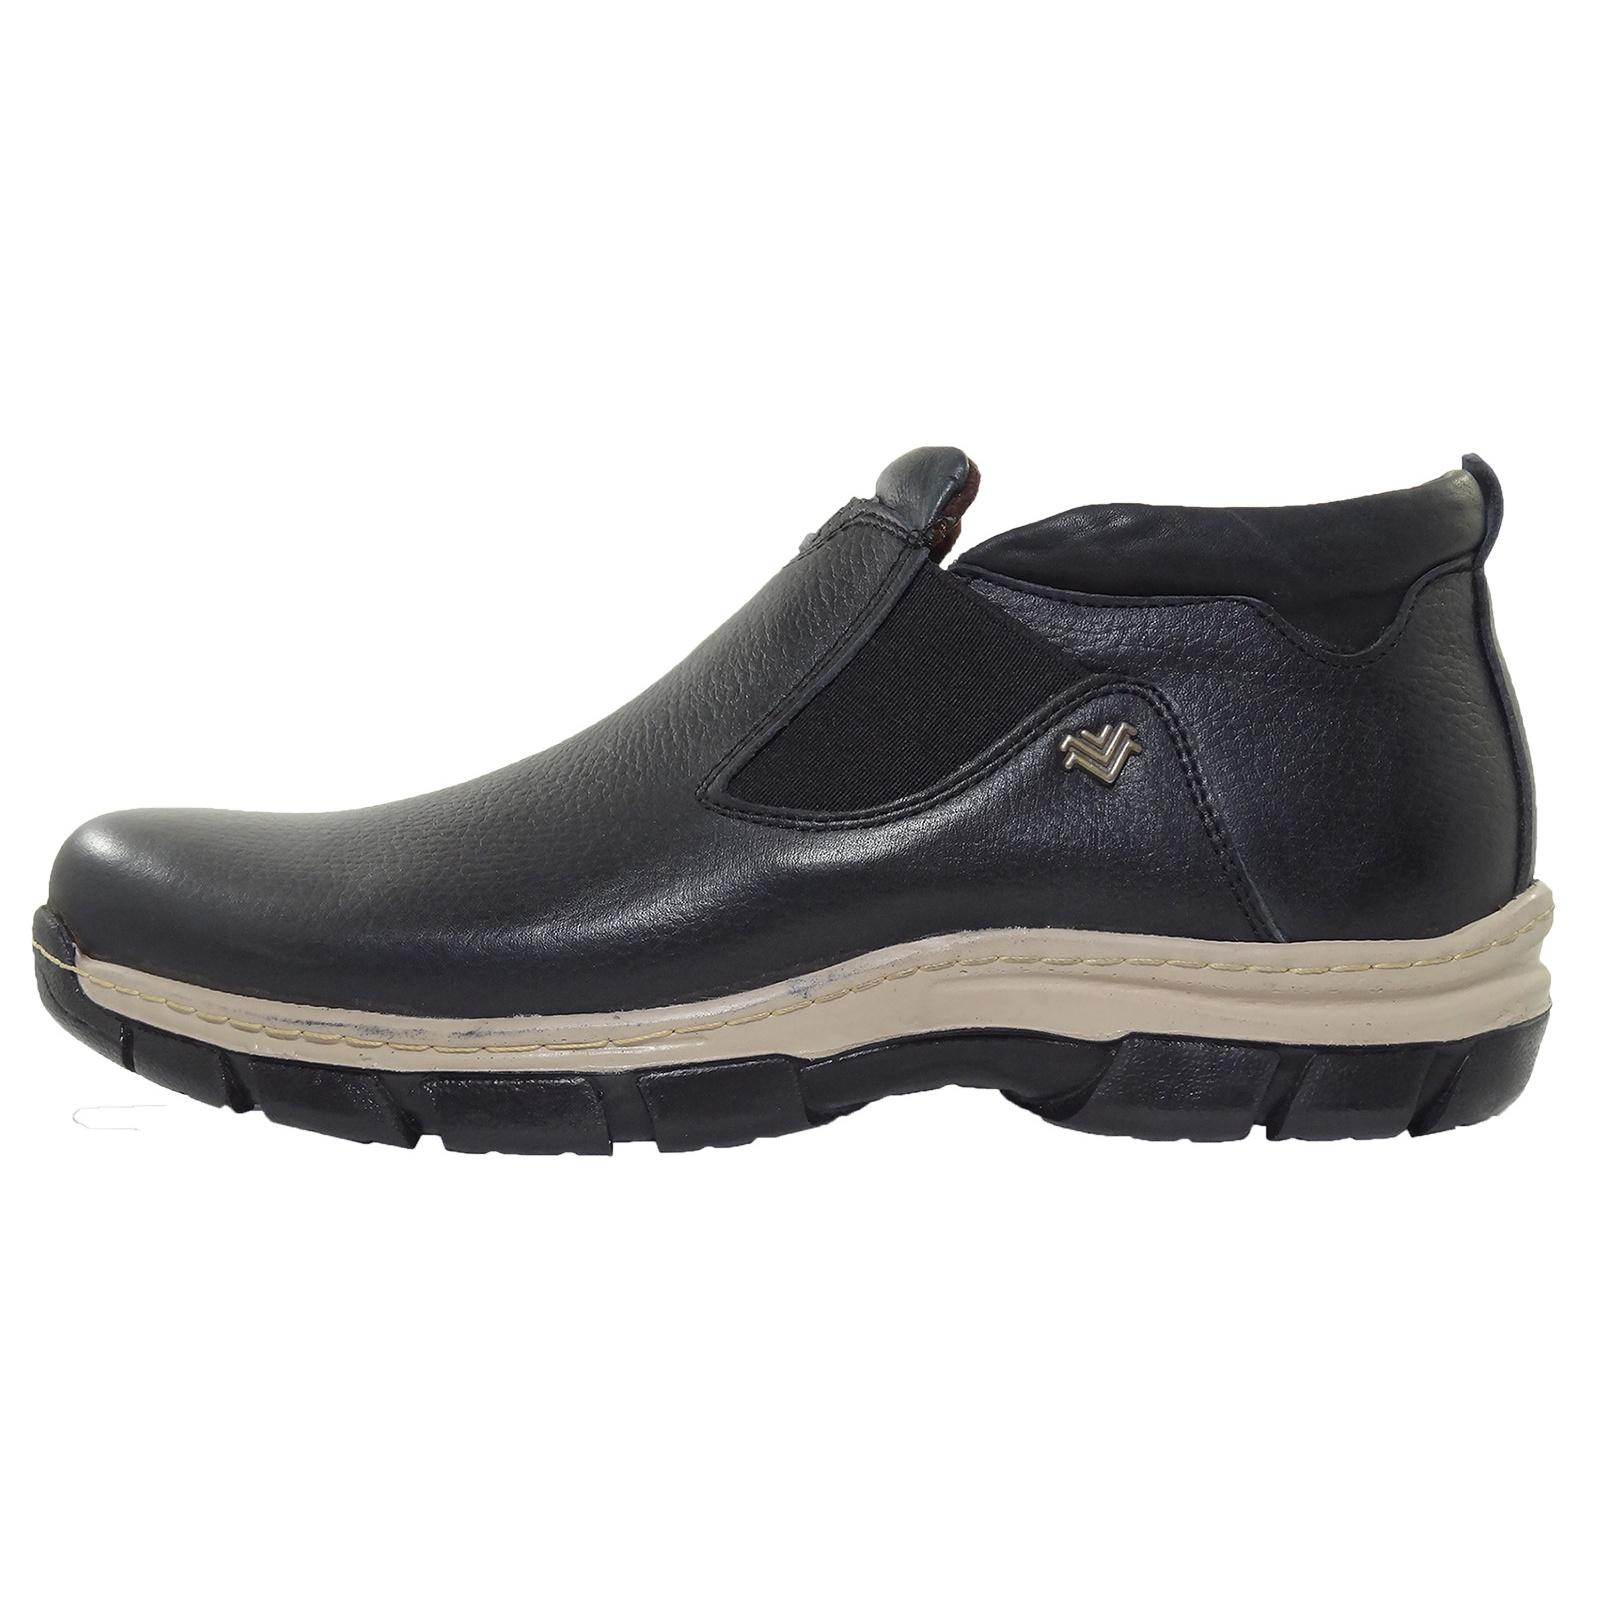 کفش روزمره مردانه مدل رادو کد 1004